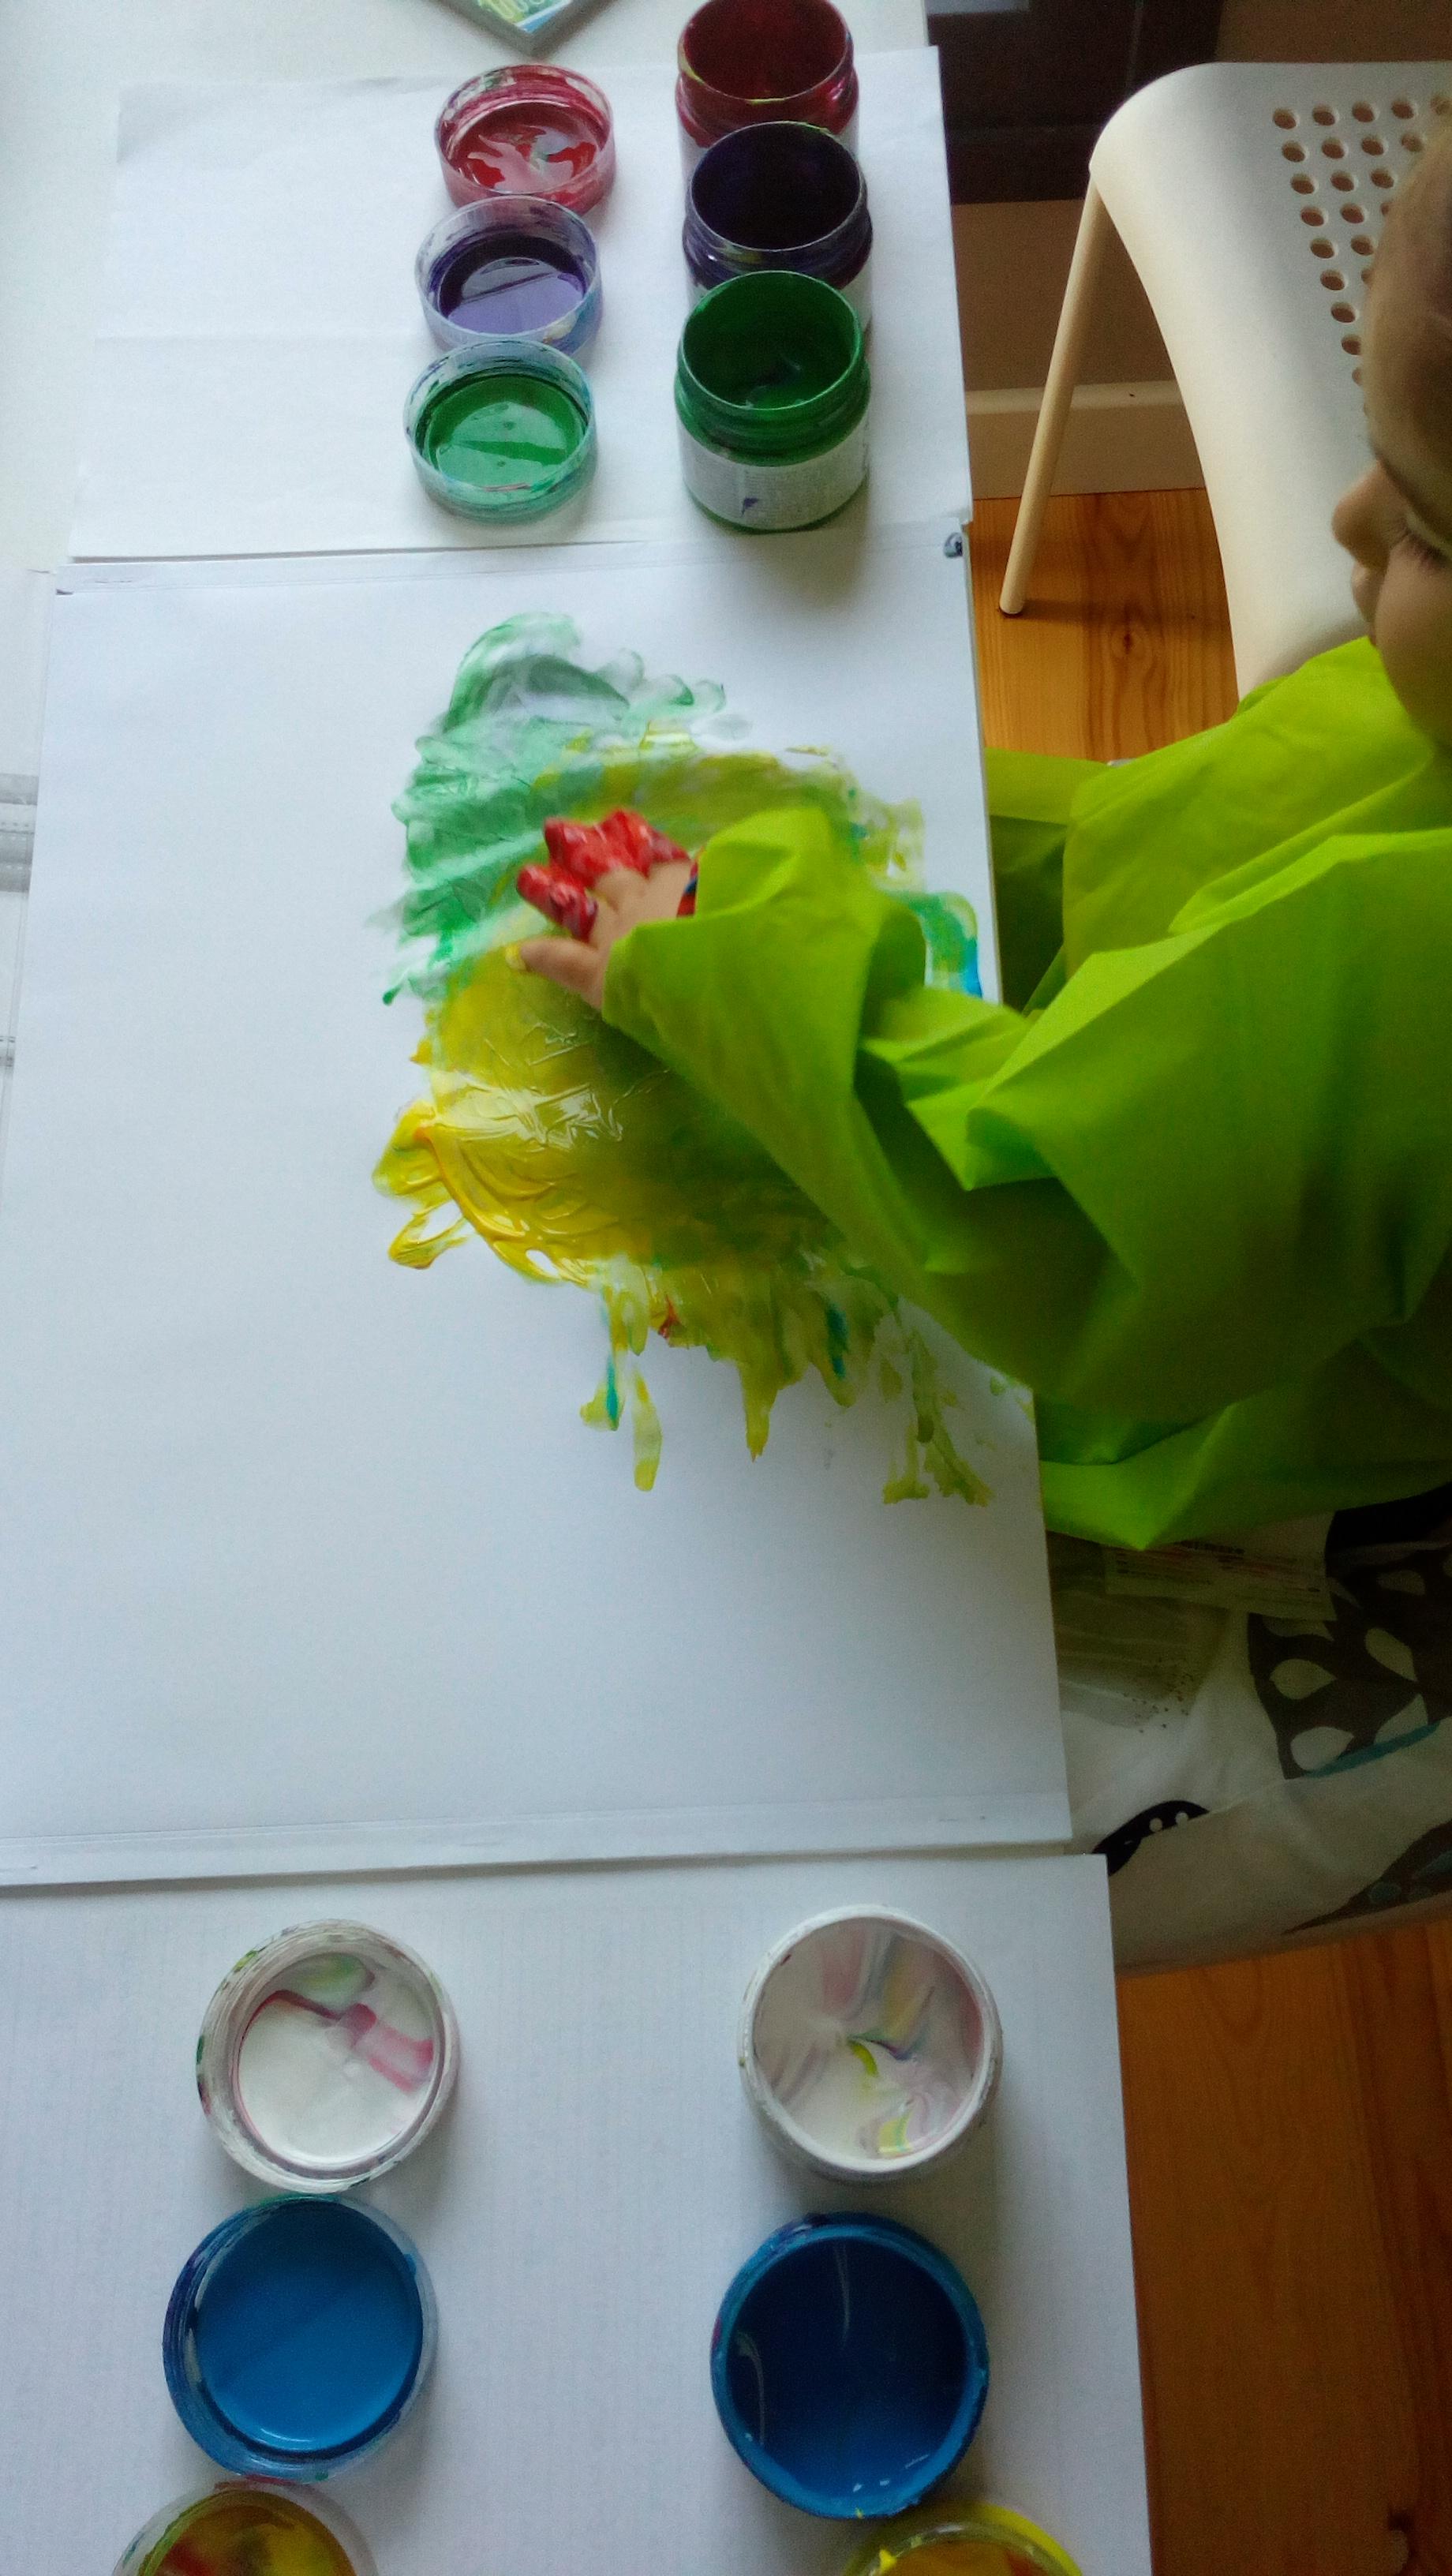 Una niña pinta con pintura de dedos.